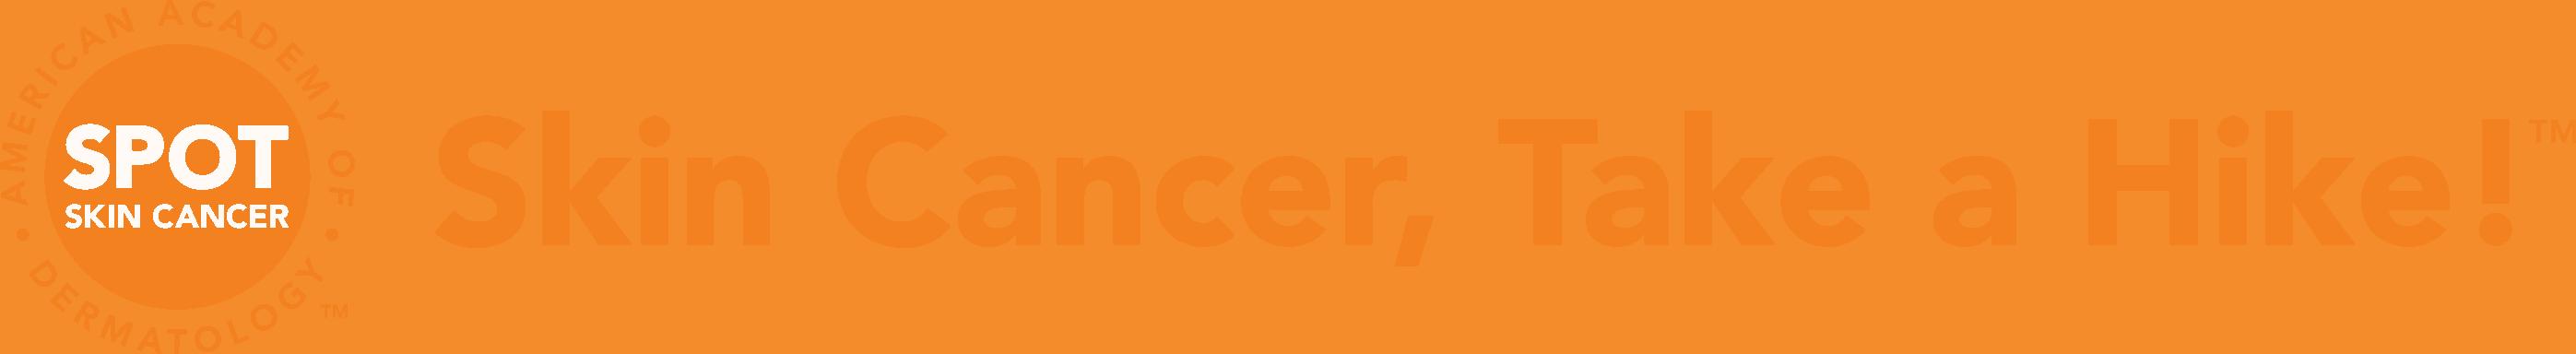 aaod - Skin Cancer, take a hike!